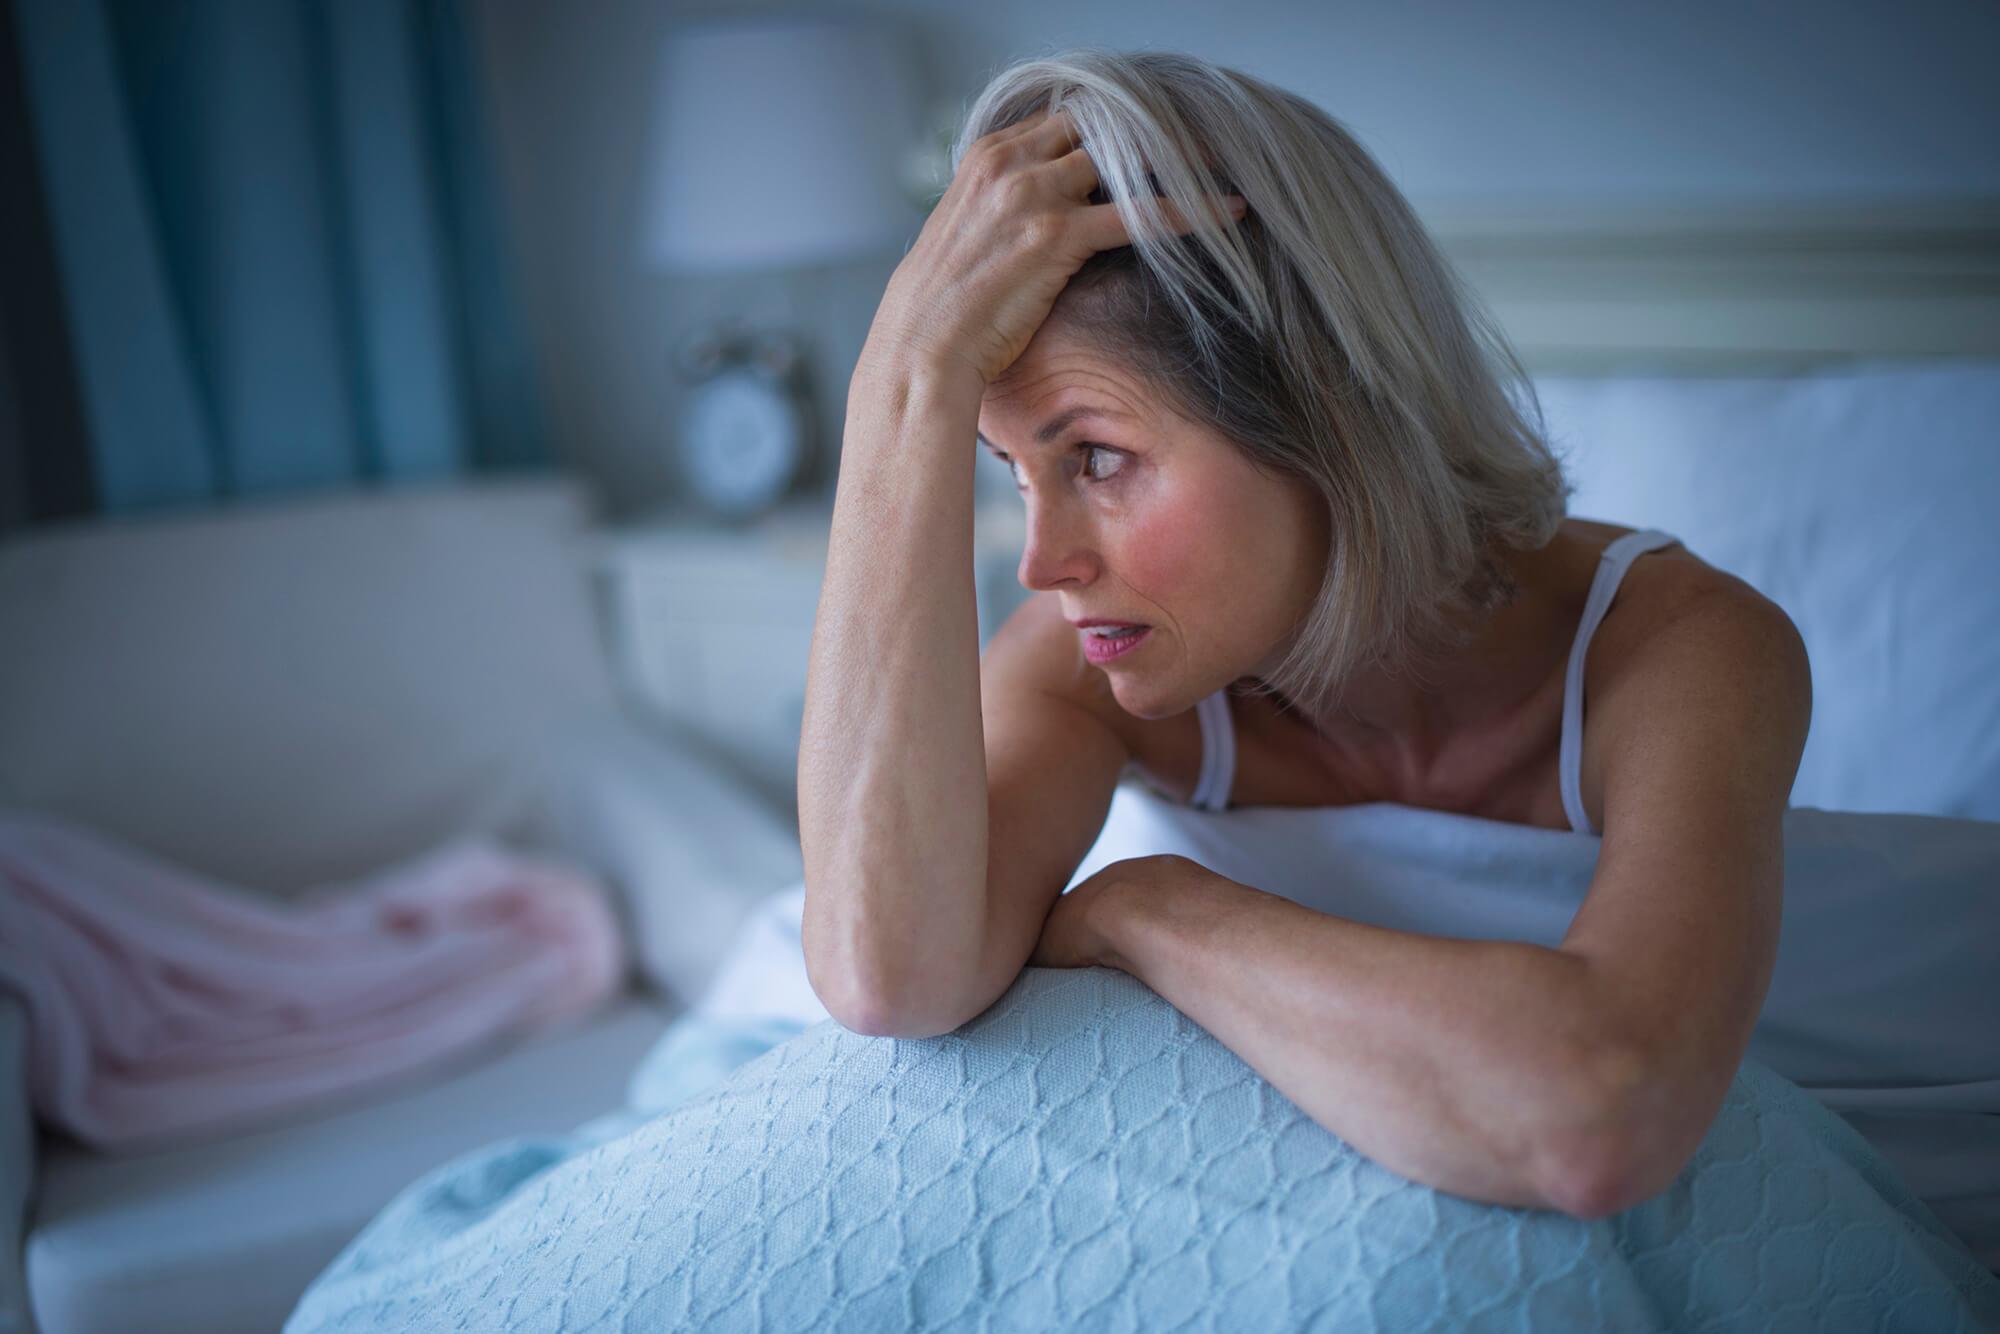 Депрессия при климаксе: причины, симптомы и диагностика, лечение